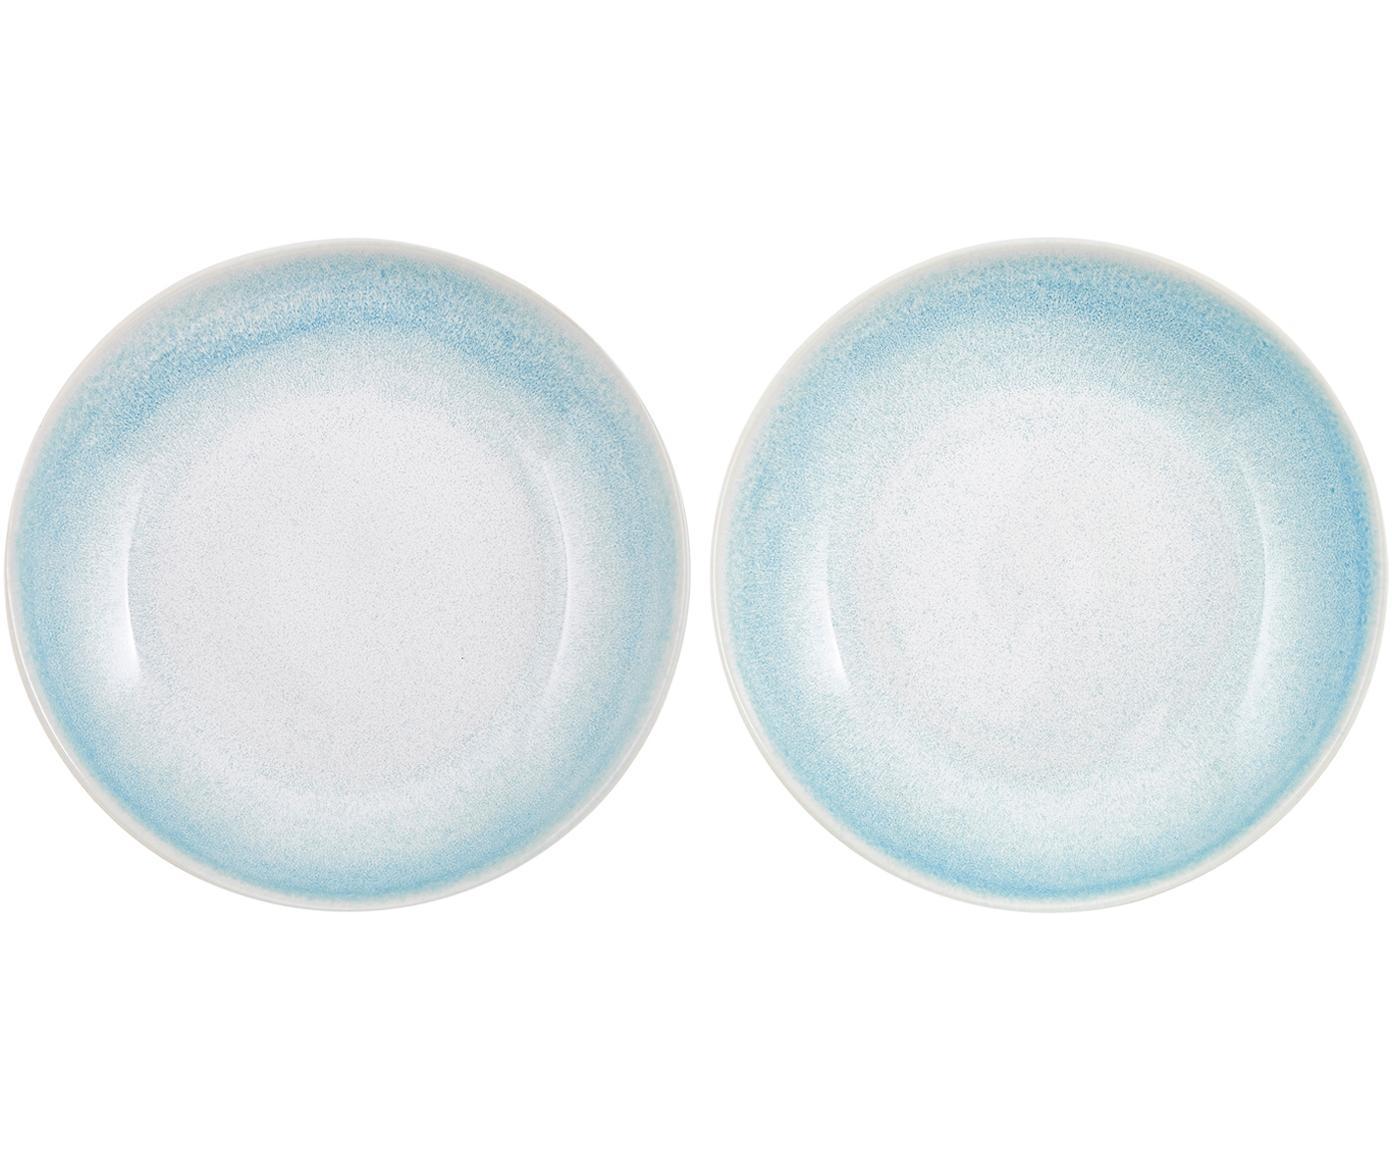 Handgemachte Suppenteller Amalia, 2 Stück, Porzellan, Hellblau, Cremeweiß, Ø 20 cm